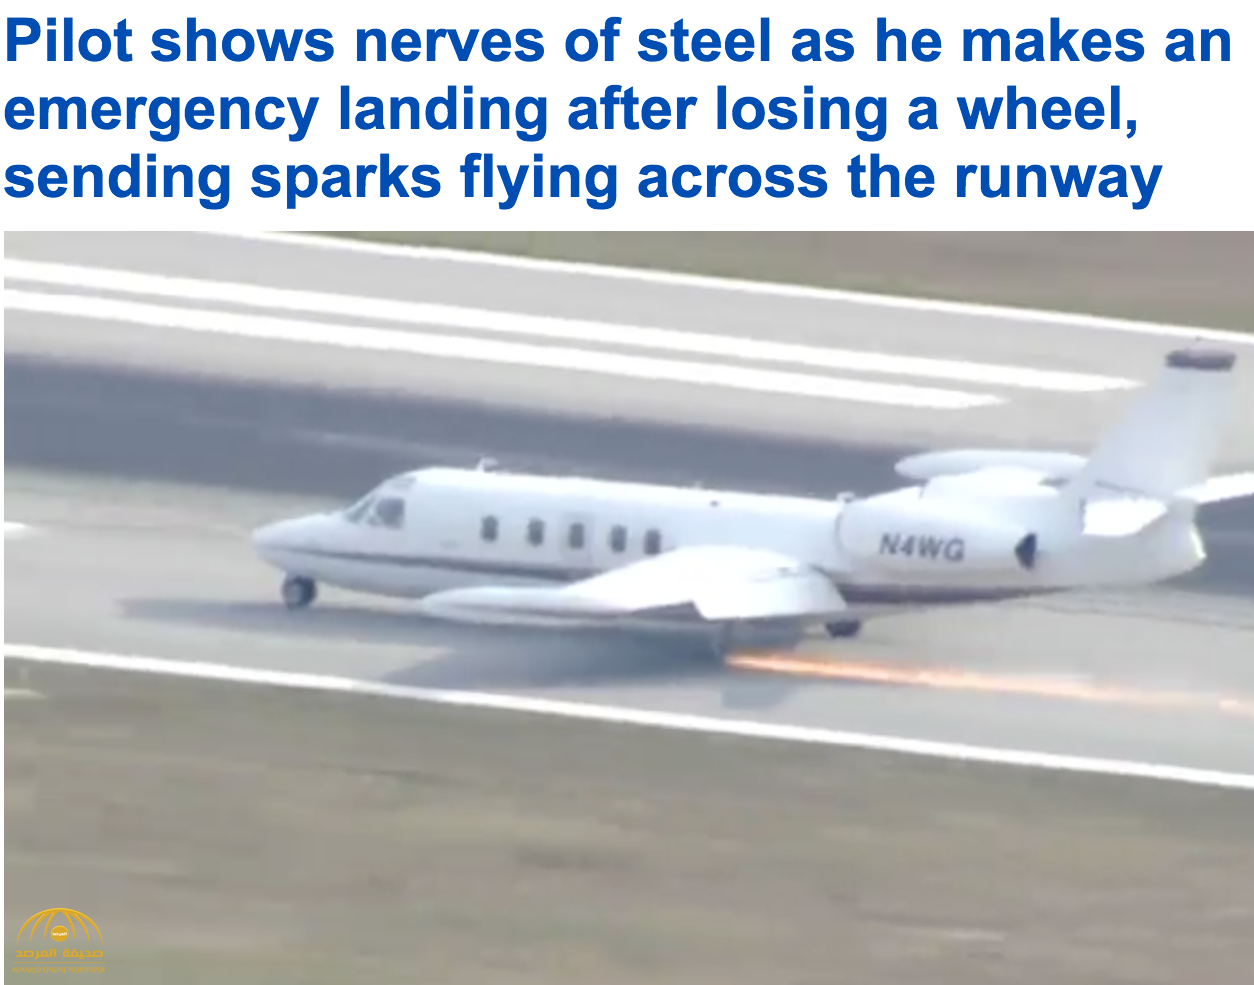 بالفيديو: شاهد لحظة هبوط  طائرة بعجلة واحدة!